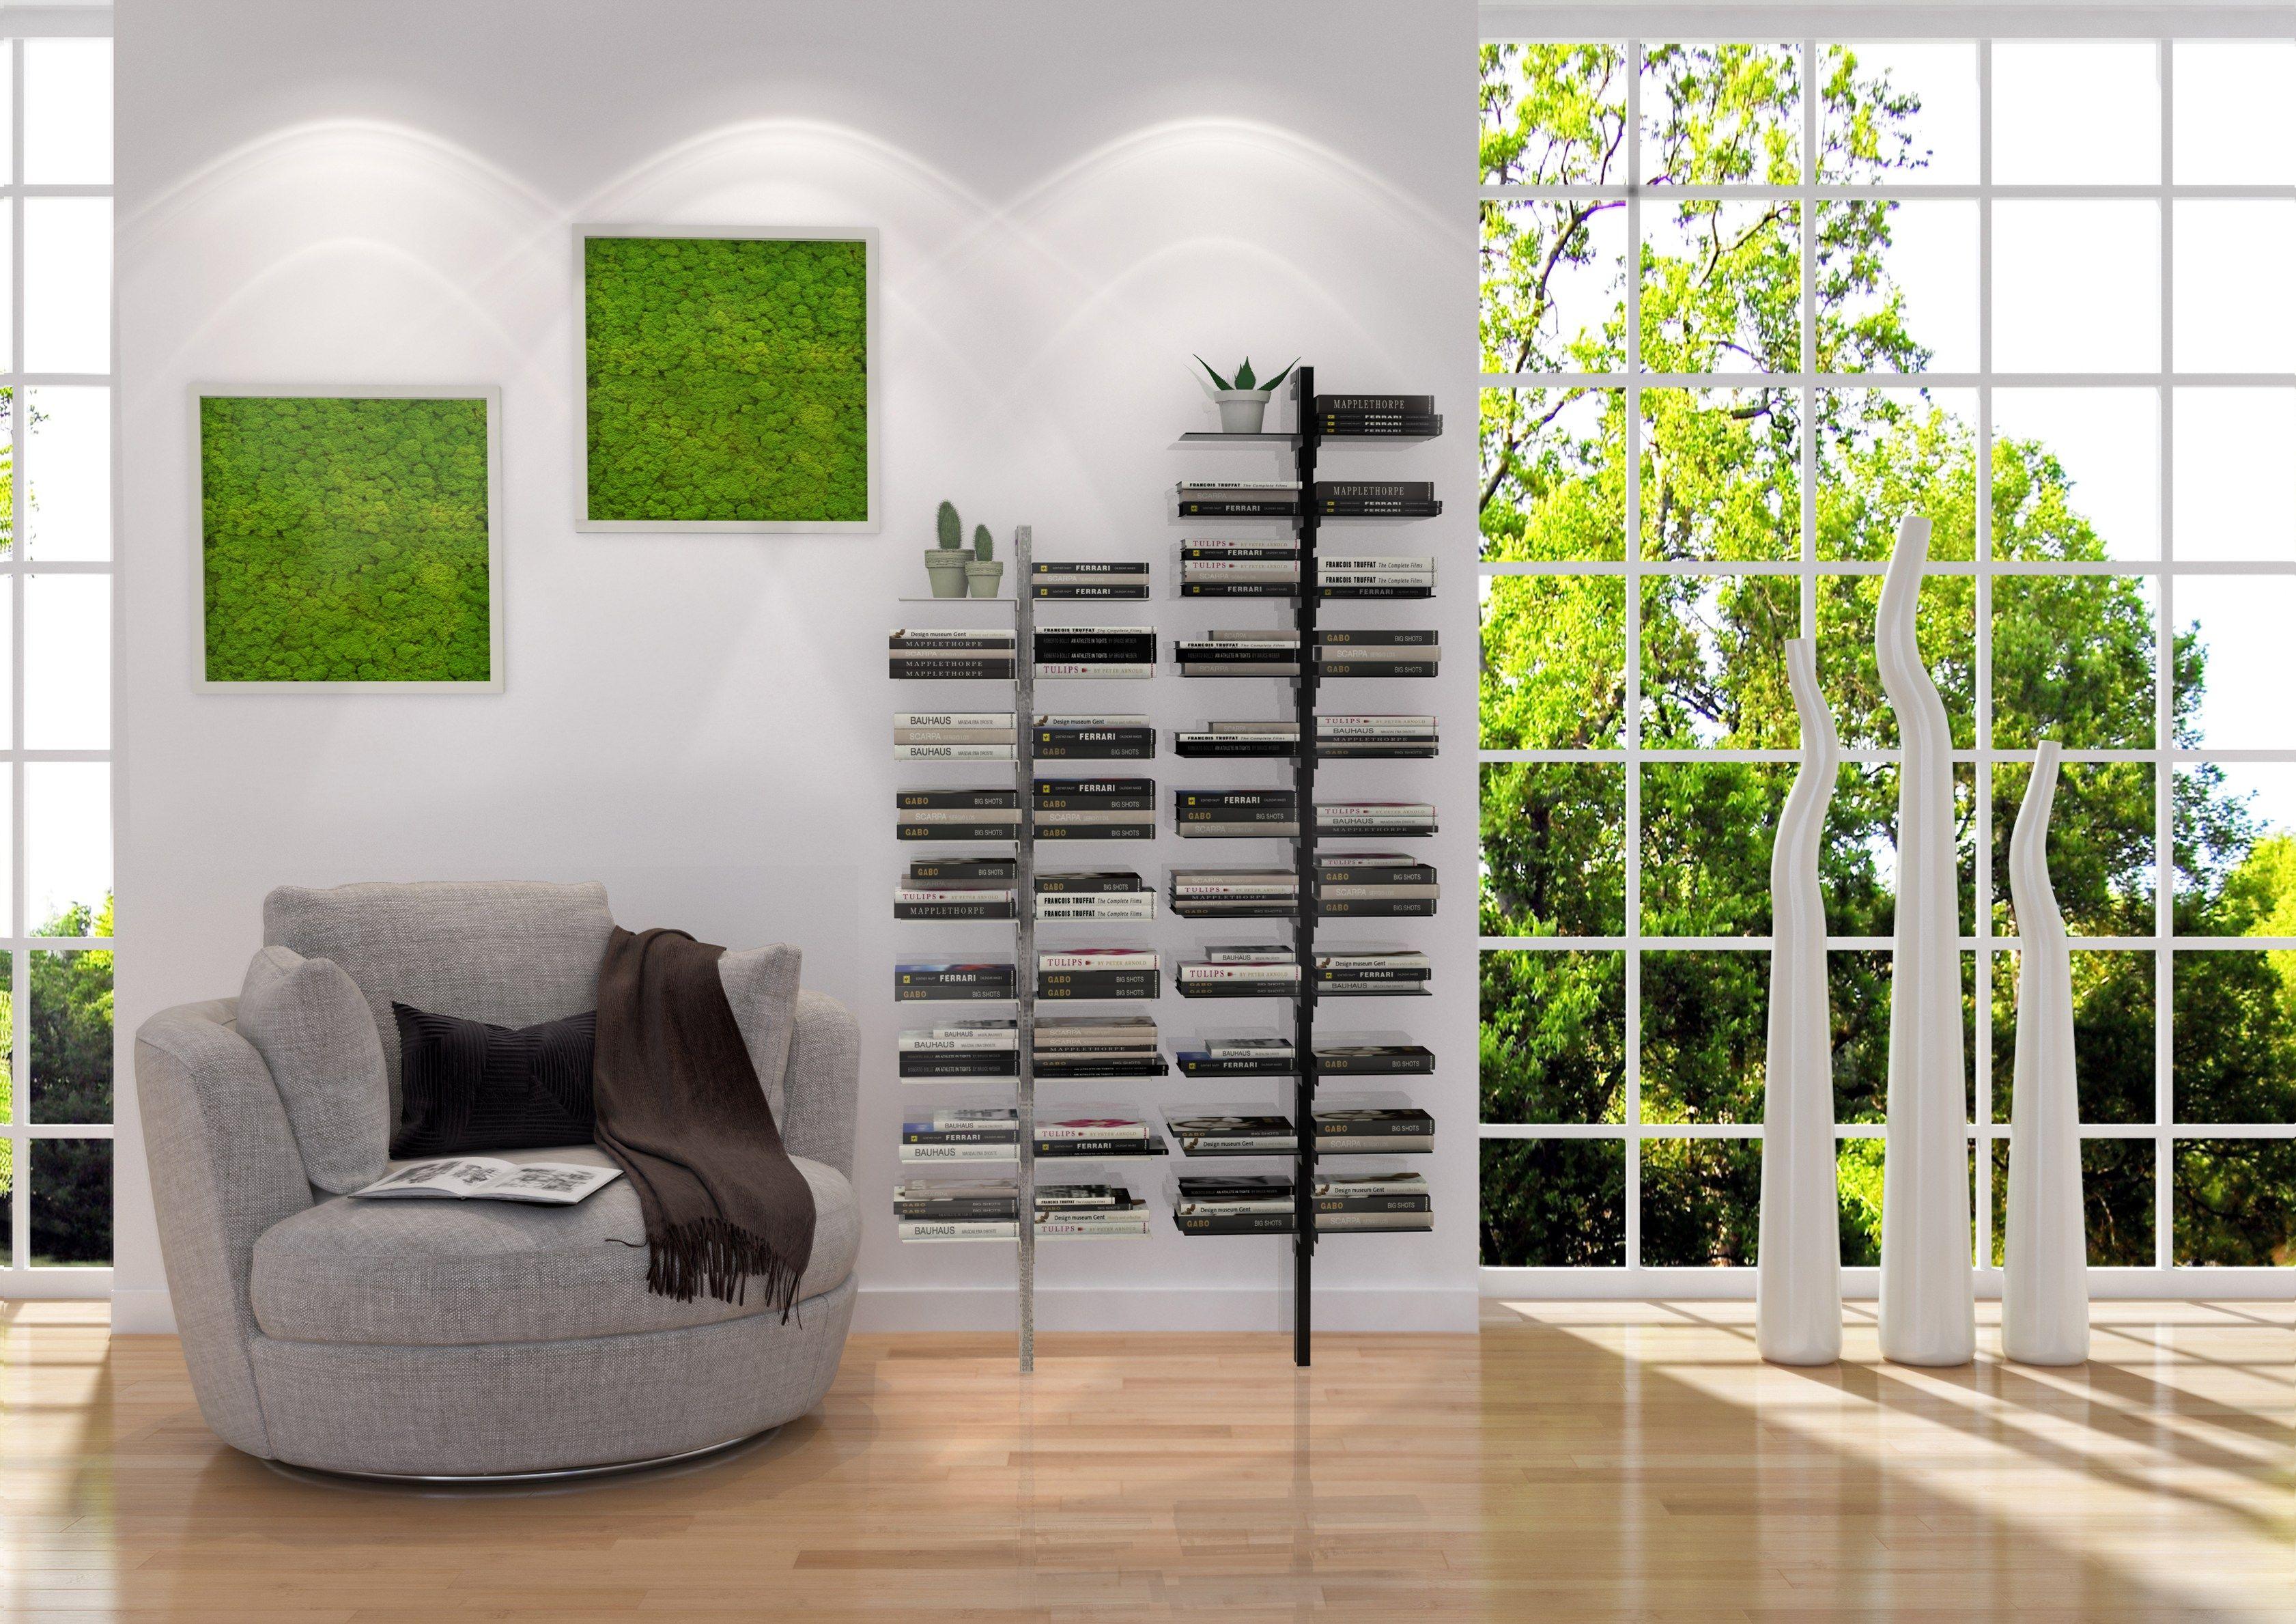 Lavanderia prateleiras decorazione - Pannelli decorativi prezzi ...